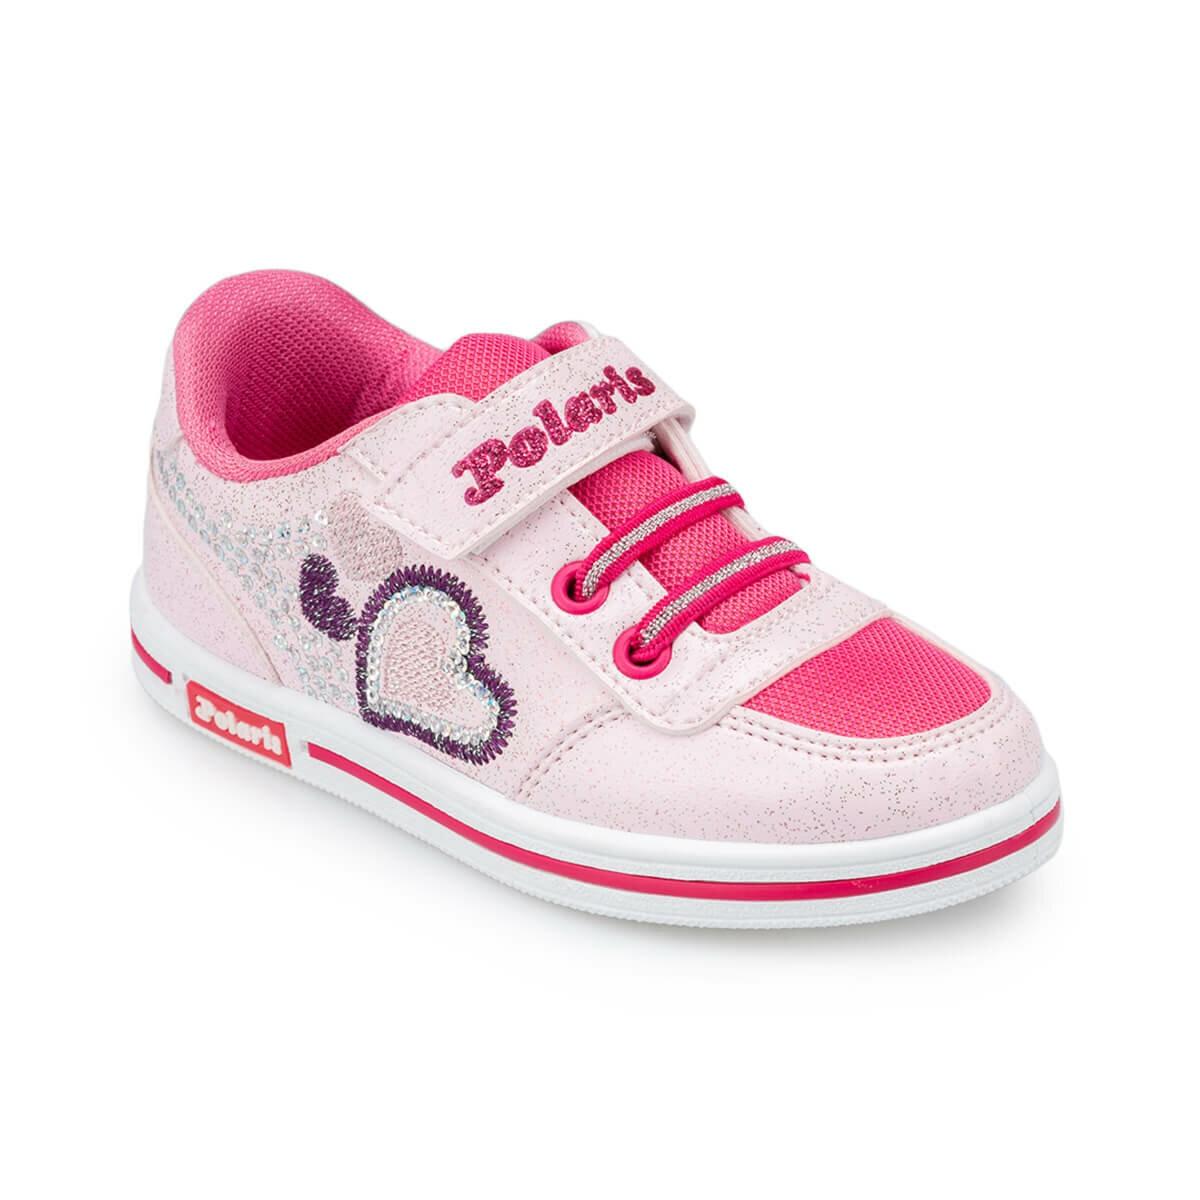 FLO 91. 508247.P White Female Child Shoes Polaris